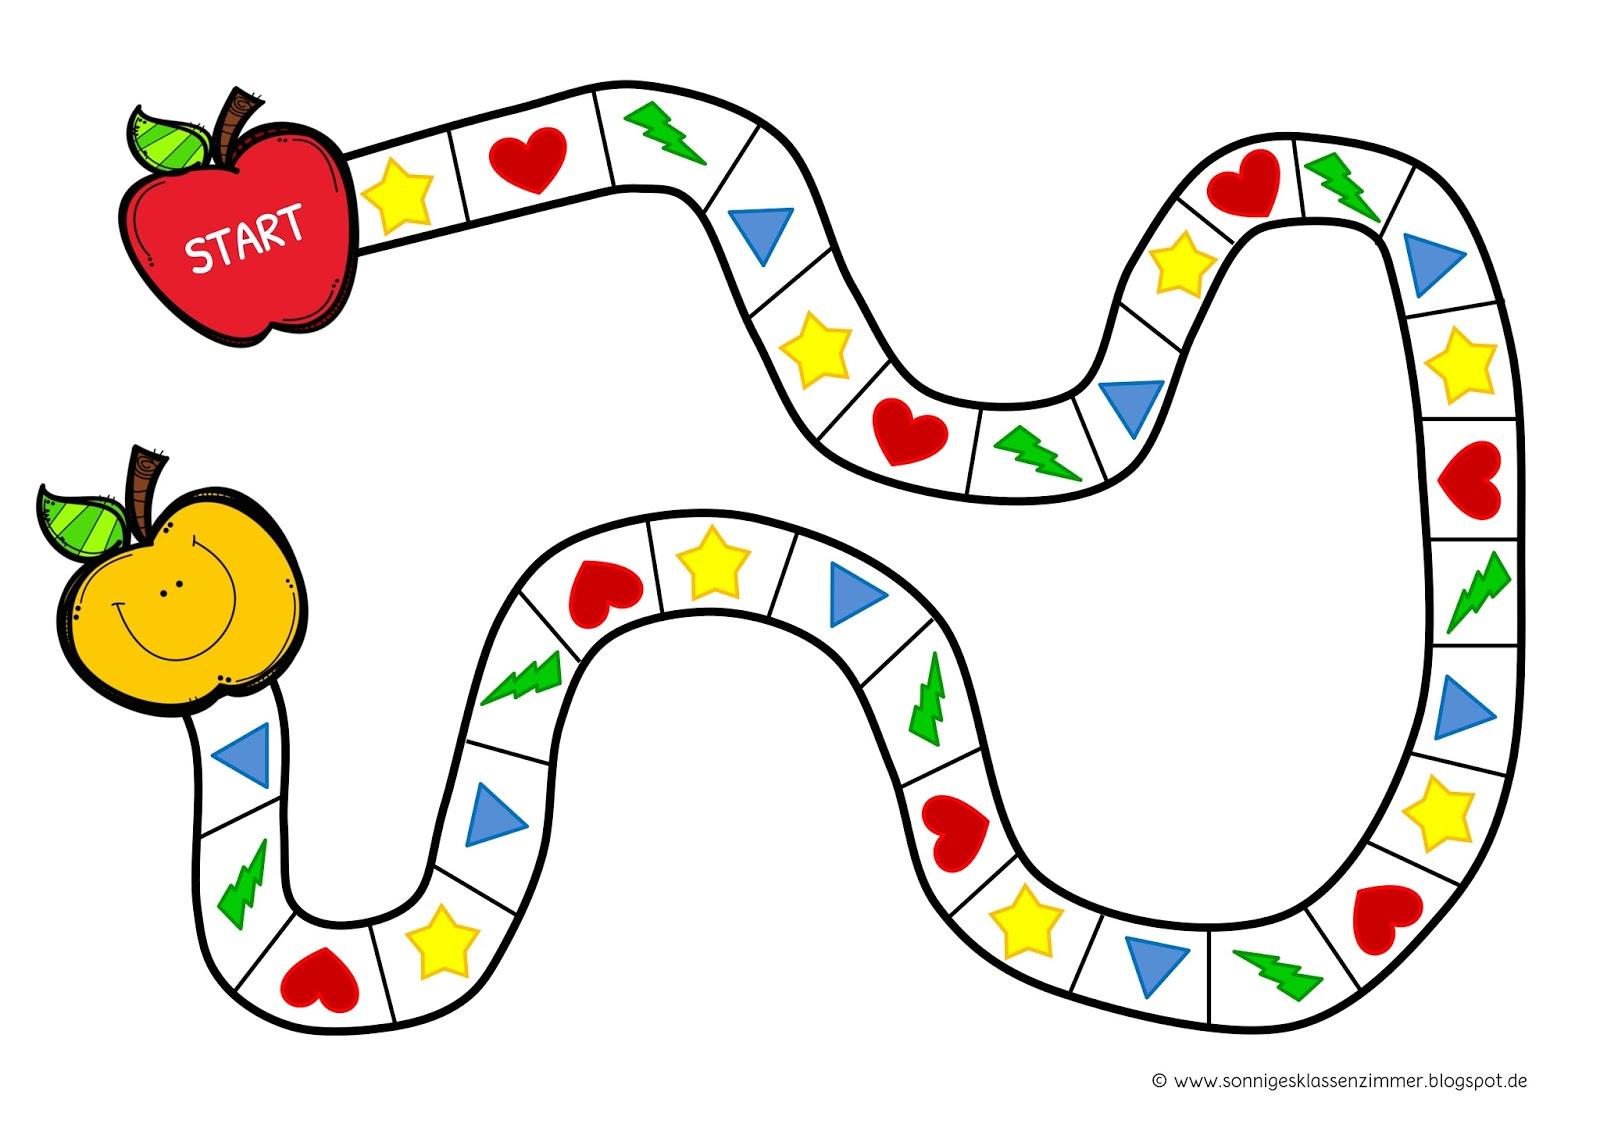 Sonniges Klassenzimmer: Brettspiel zum Schuljahresende